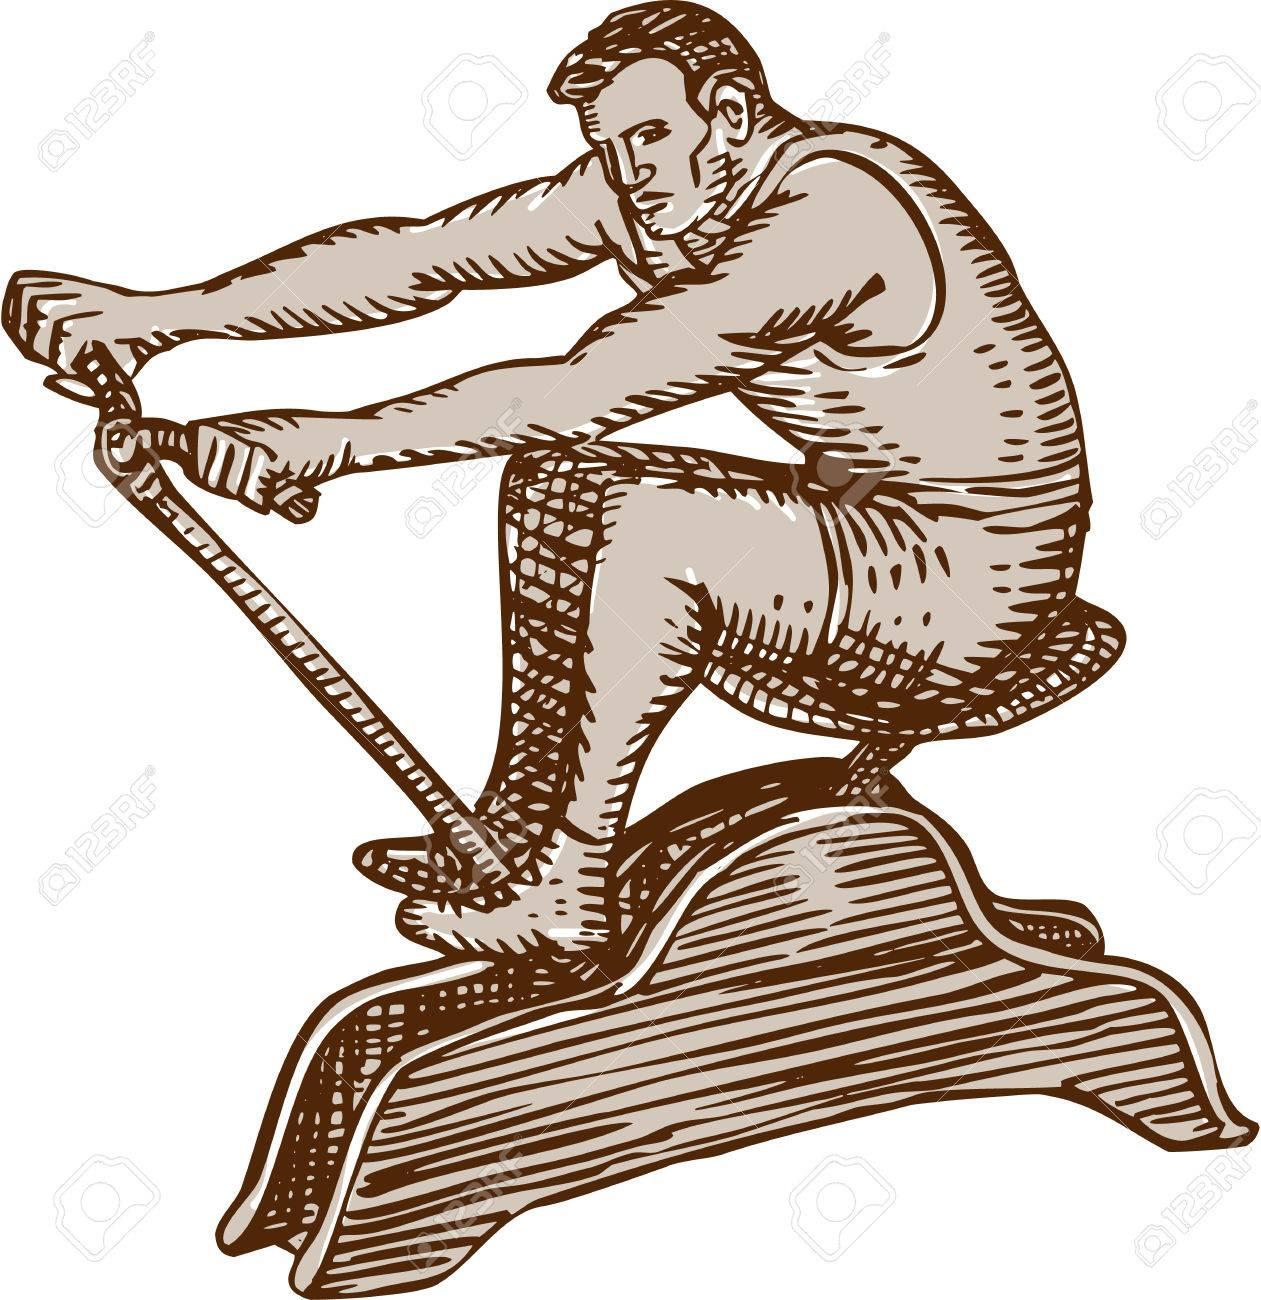 ビンテージ ローイング マシン ボートに乗って運動オスの運動選手の側